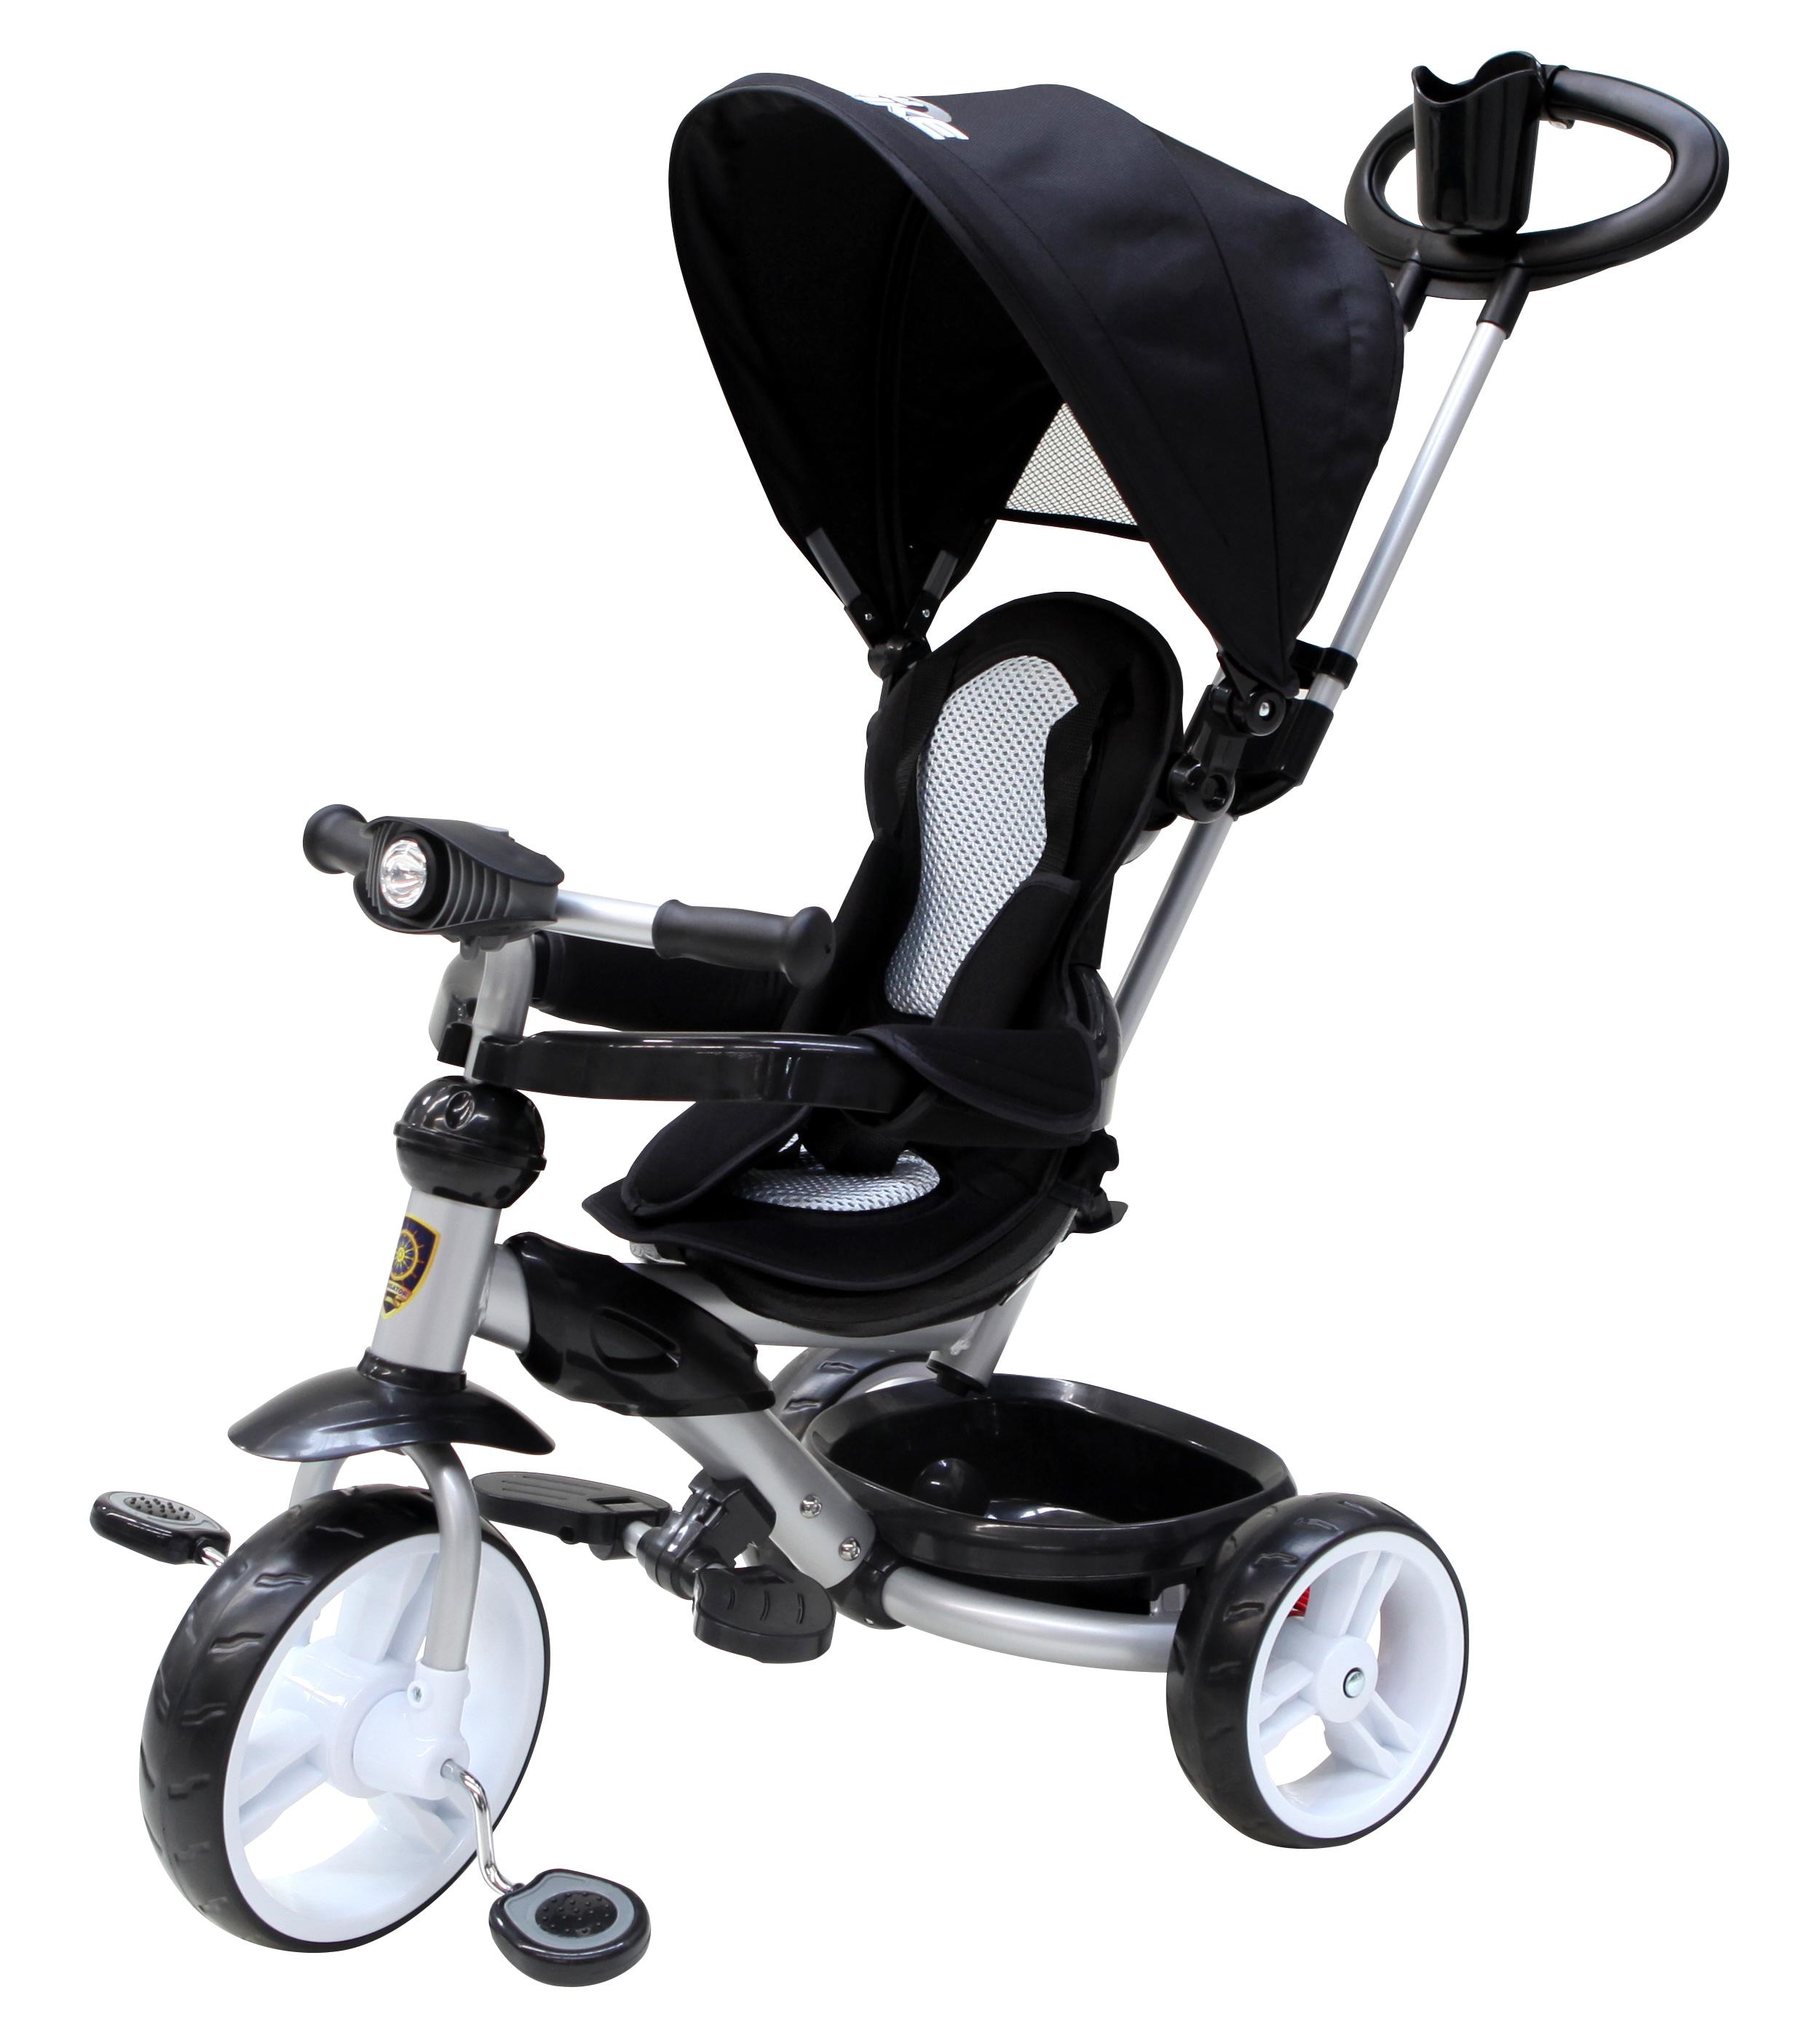 Navigator Трехколесный велосипед Lexus цвет черныйТ58449Популярная модель детского трехколесного велосипеда с ярким дизайном. Велосипед снабжен ручкой управления для родителей.